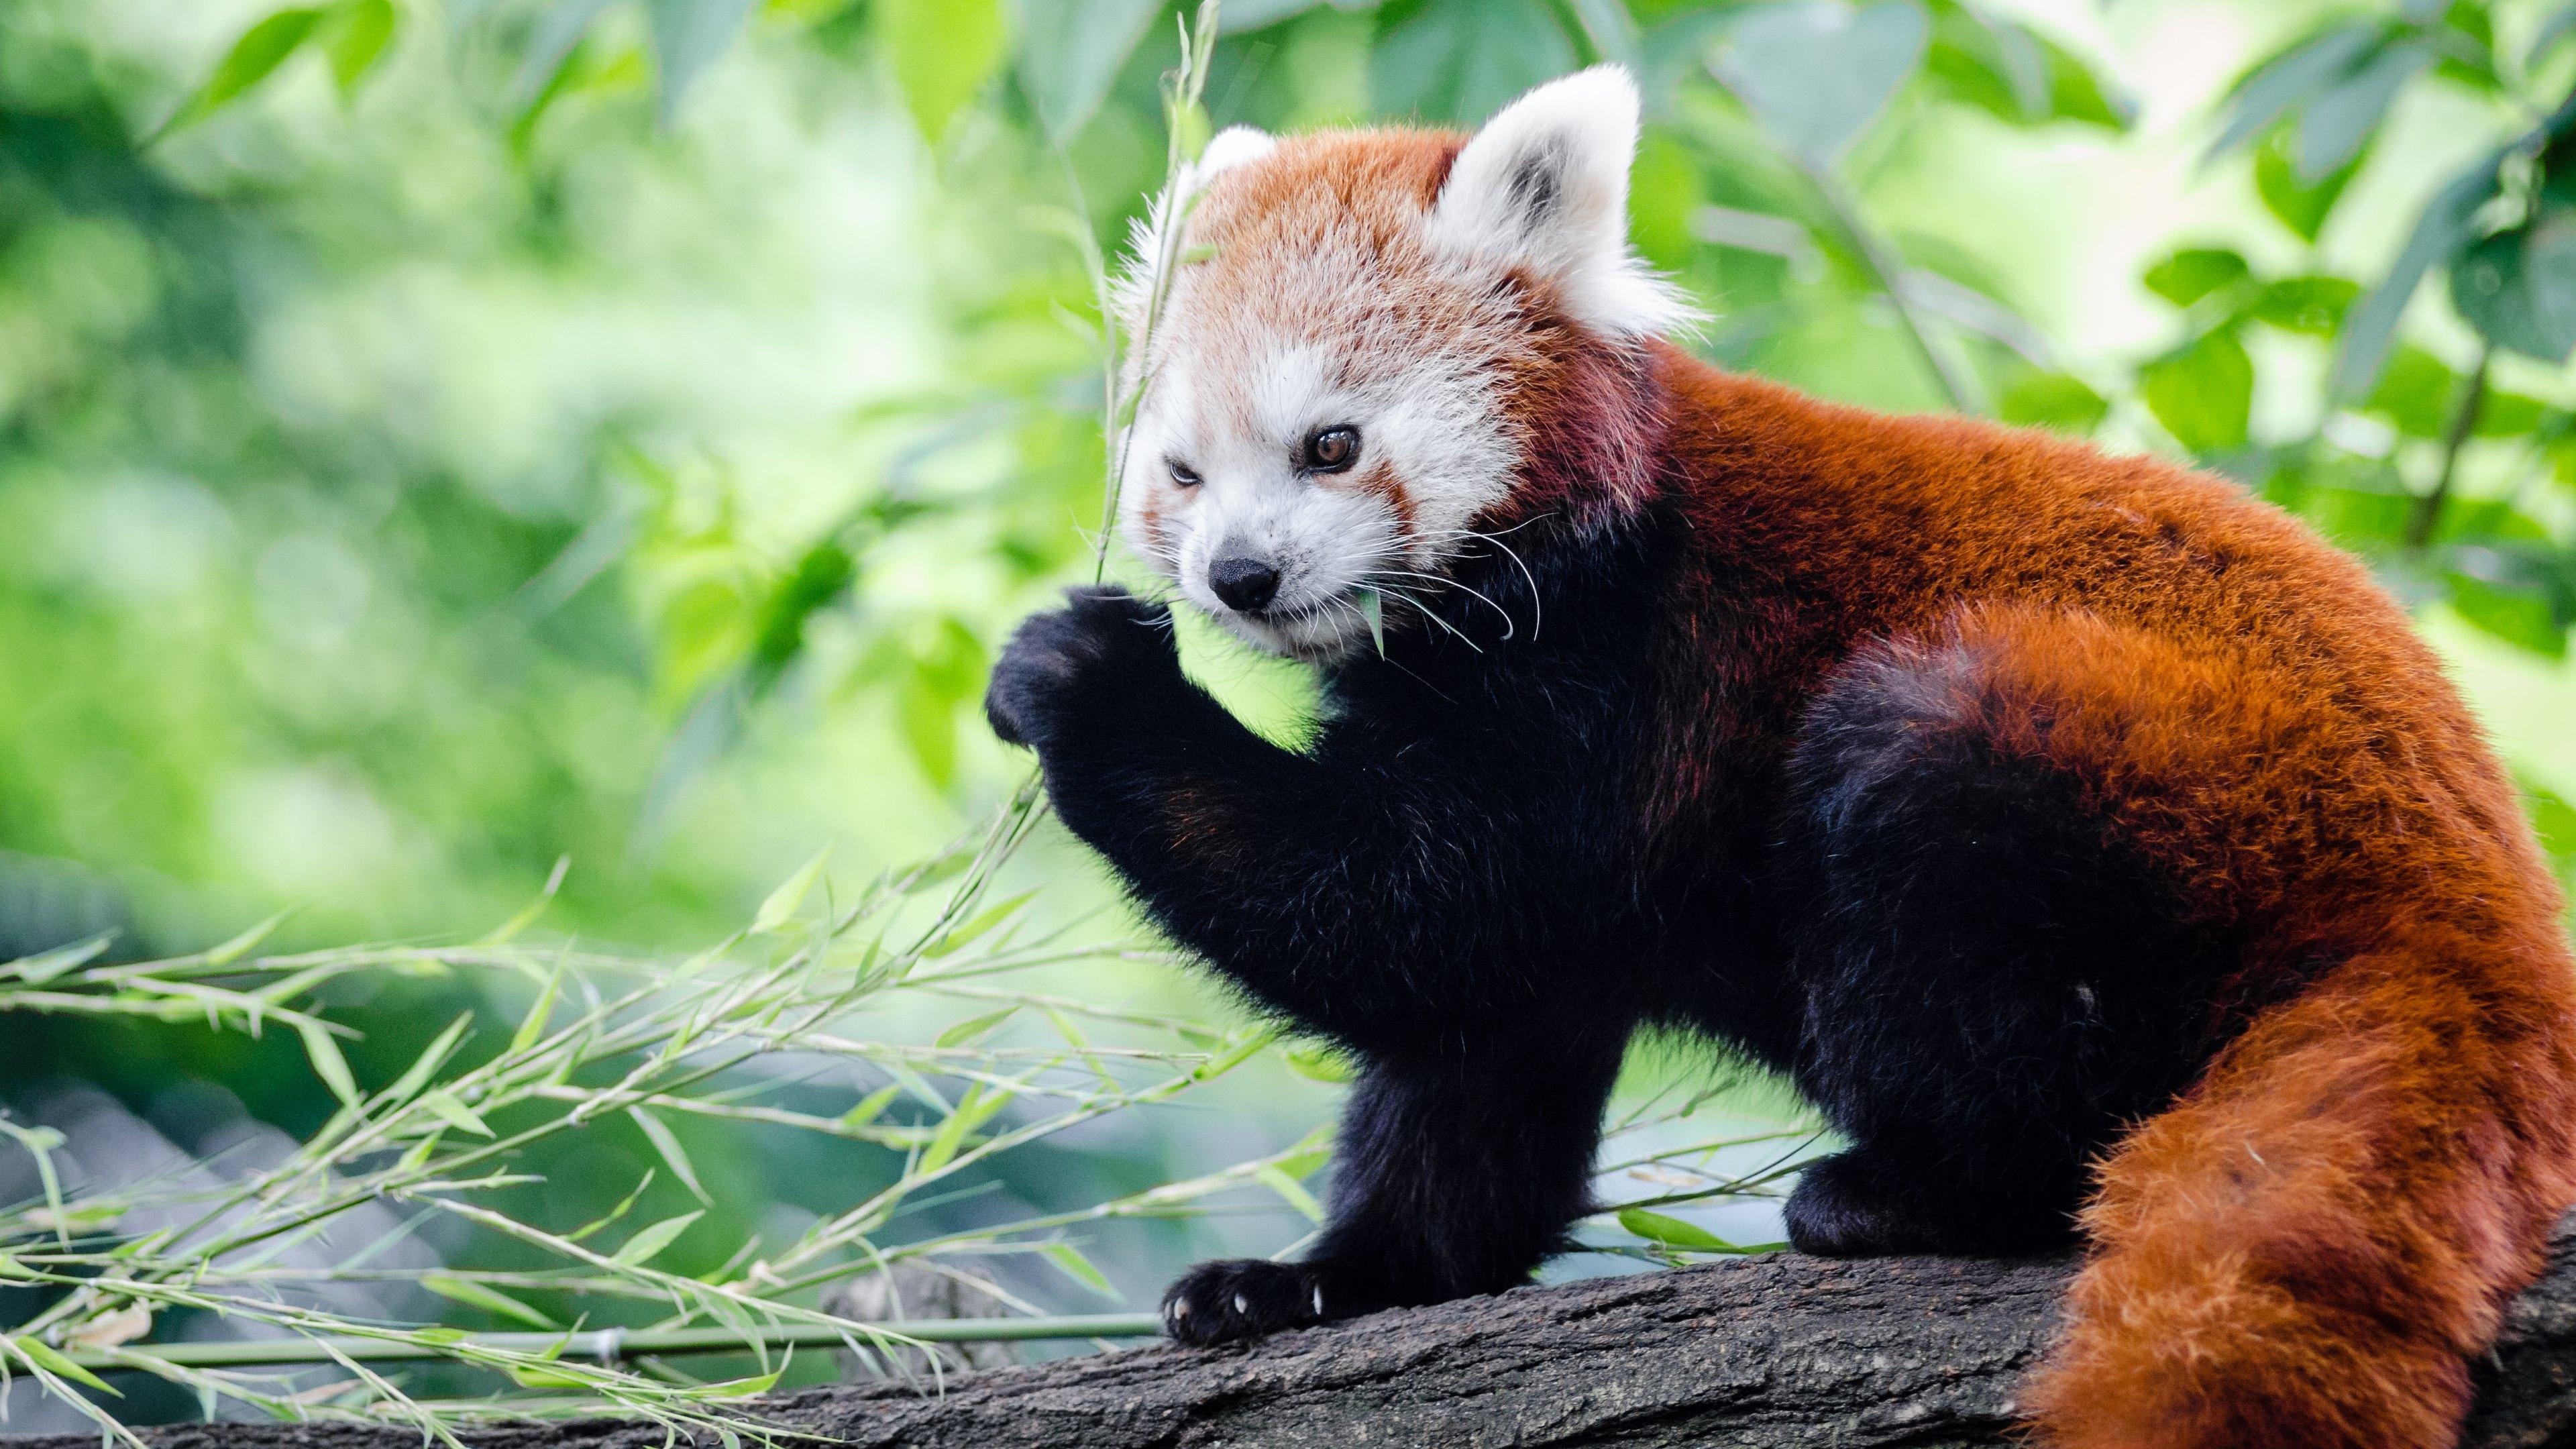 red panda wallpaper hd 50829